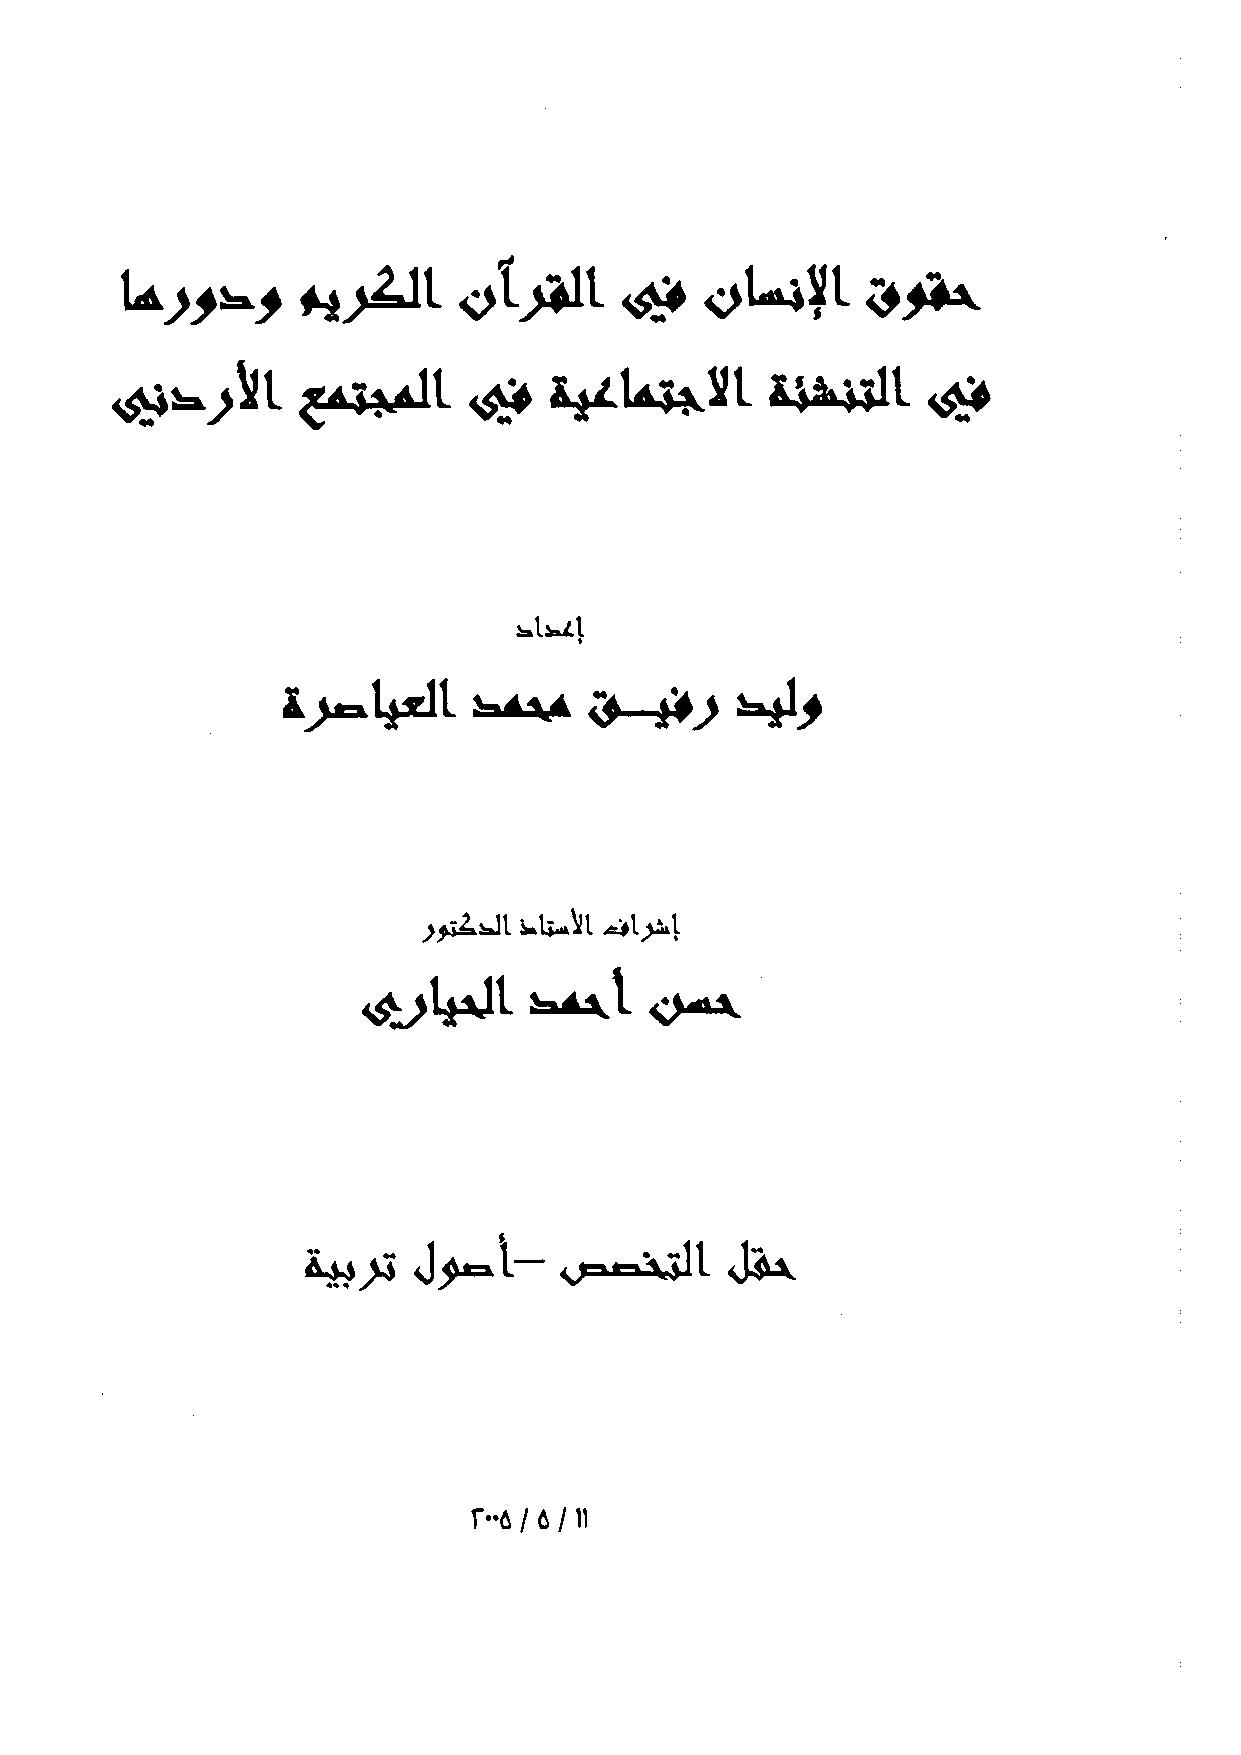 تحميل كتاب حقوق الإنسان في القرآن الكريم ودورها في التنشئة الاجتماعية في المجتمع الأردني لـِ: وليد رفيق محمد العياصرة